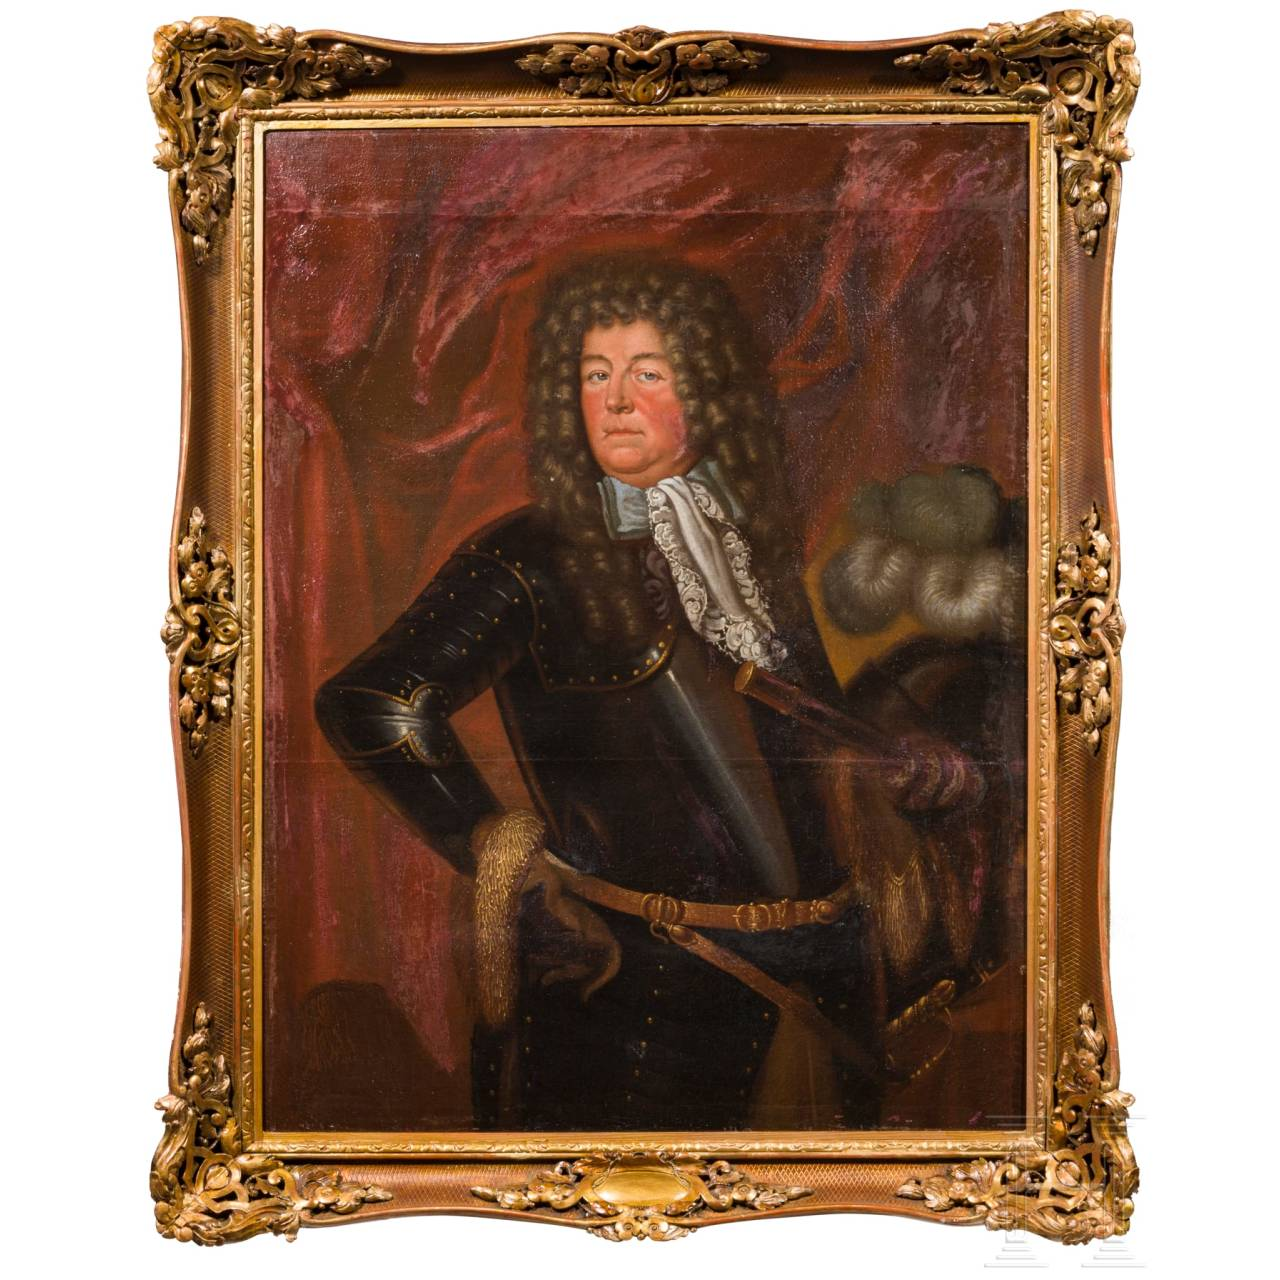 A portrait of General Fieldmarshal von der Goltz, early-18th century